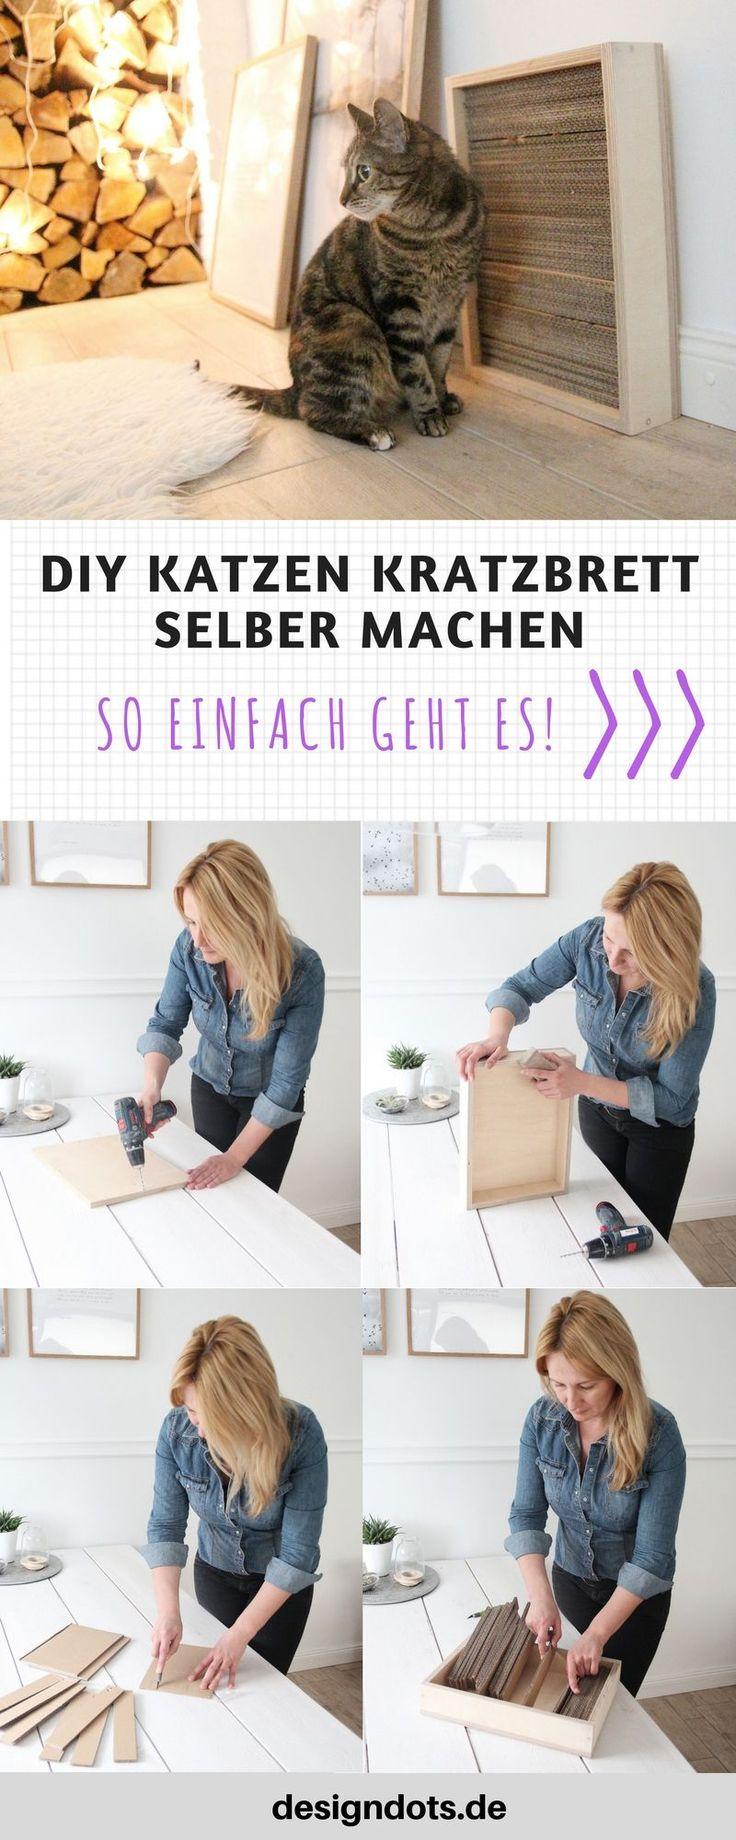 Basteln Sie selbst DIY Katzen Kratzbrett   – Katzen (themen) – abwechslungsreich, informativ und von Schnurrgeräuschen fast übertönt